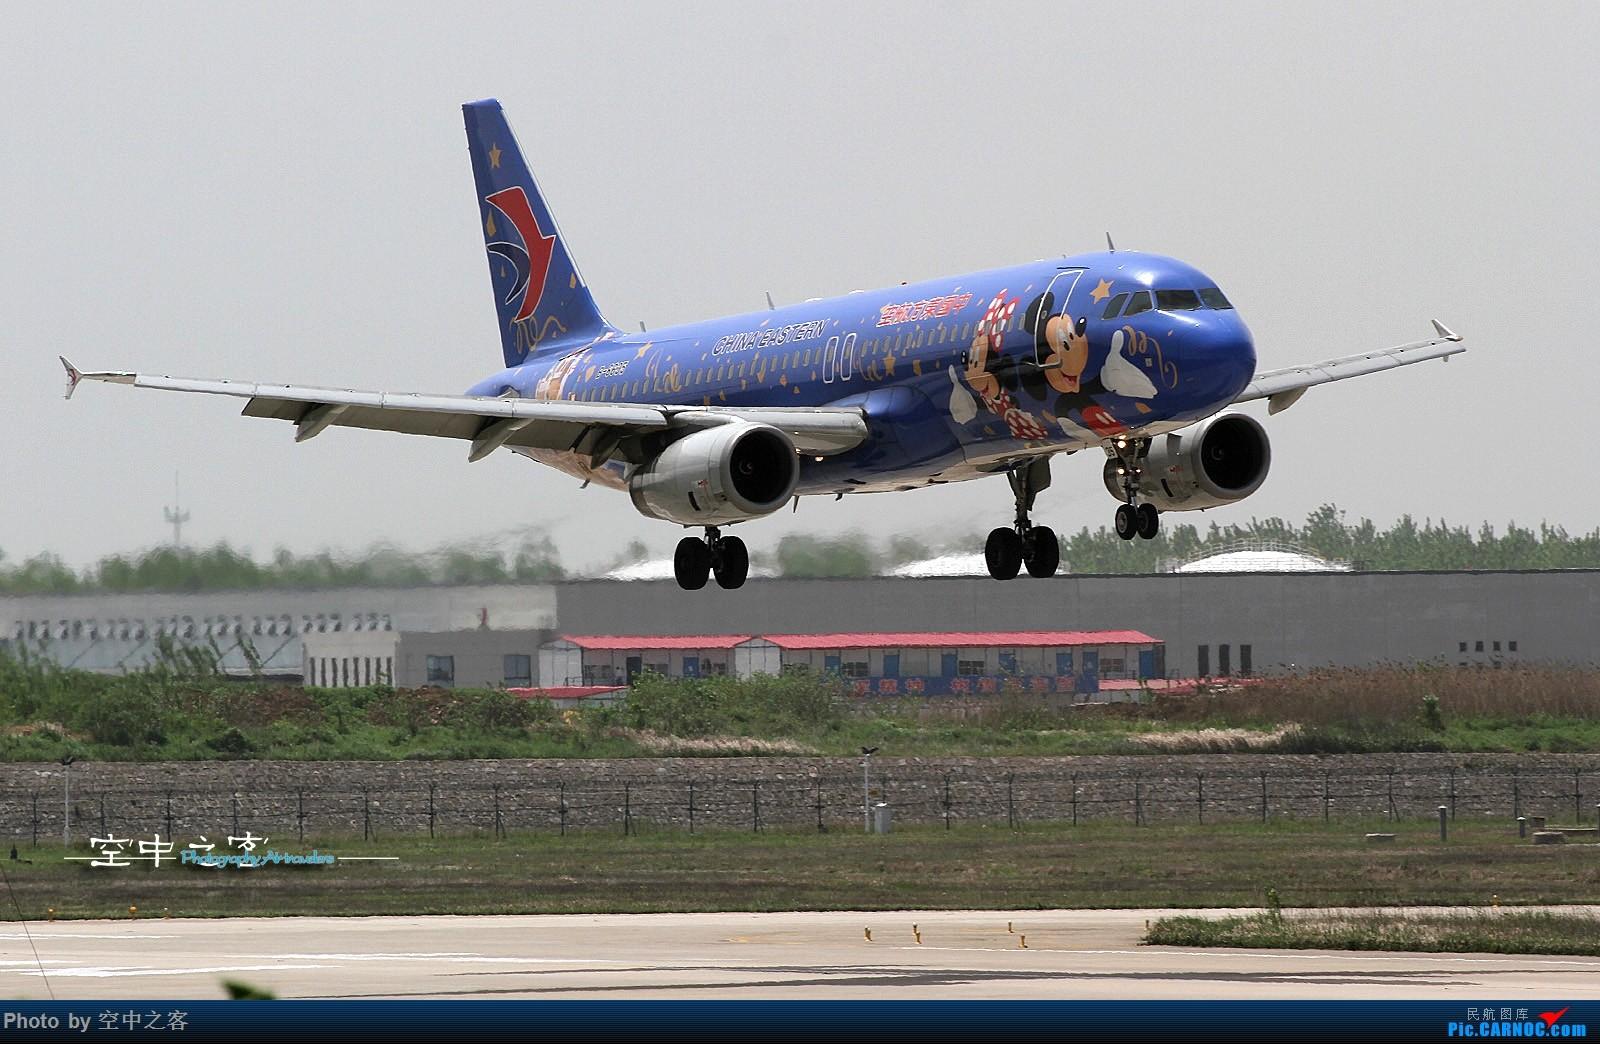 [原创][合肥飞友会·霸都打机队]空中之客出品 大佬们都回来了 我还在新机场看小小米老鼠迪斯尼装飞机 AIRBUS A320-200 B-6635 合肥新桥国际机场